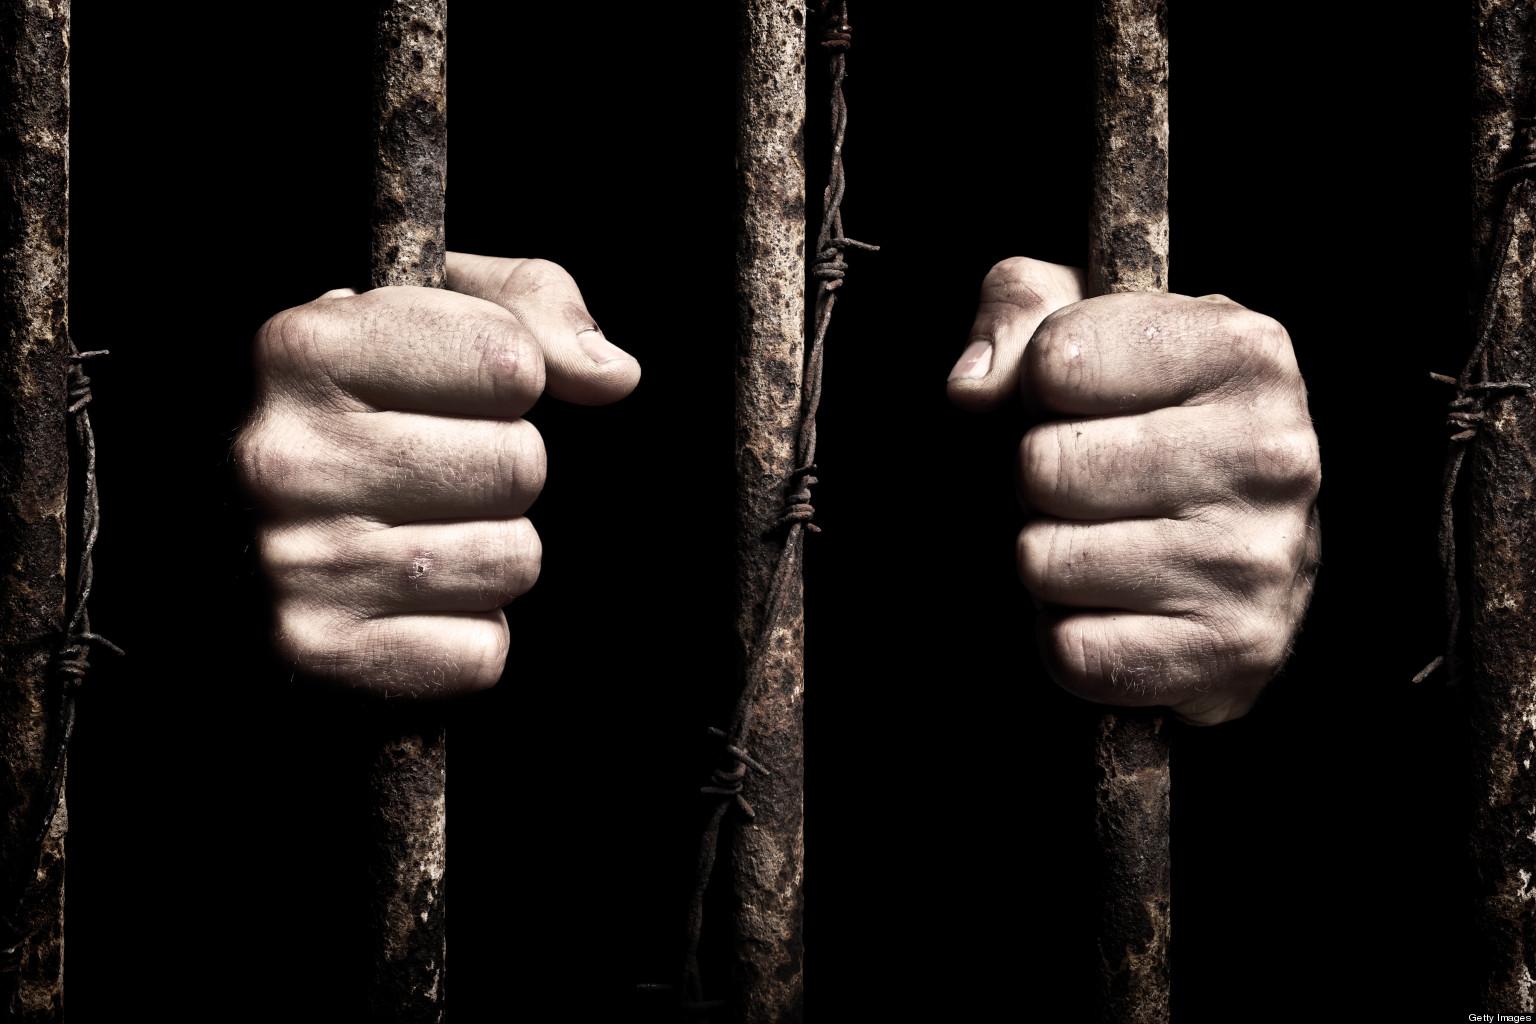 غموض في حالات وفاة معتلقين في السجون الليبية